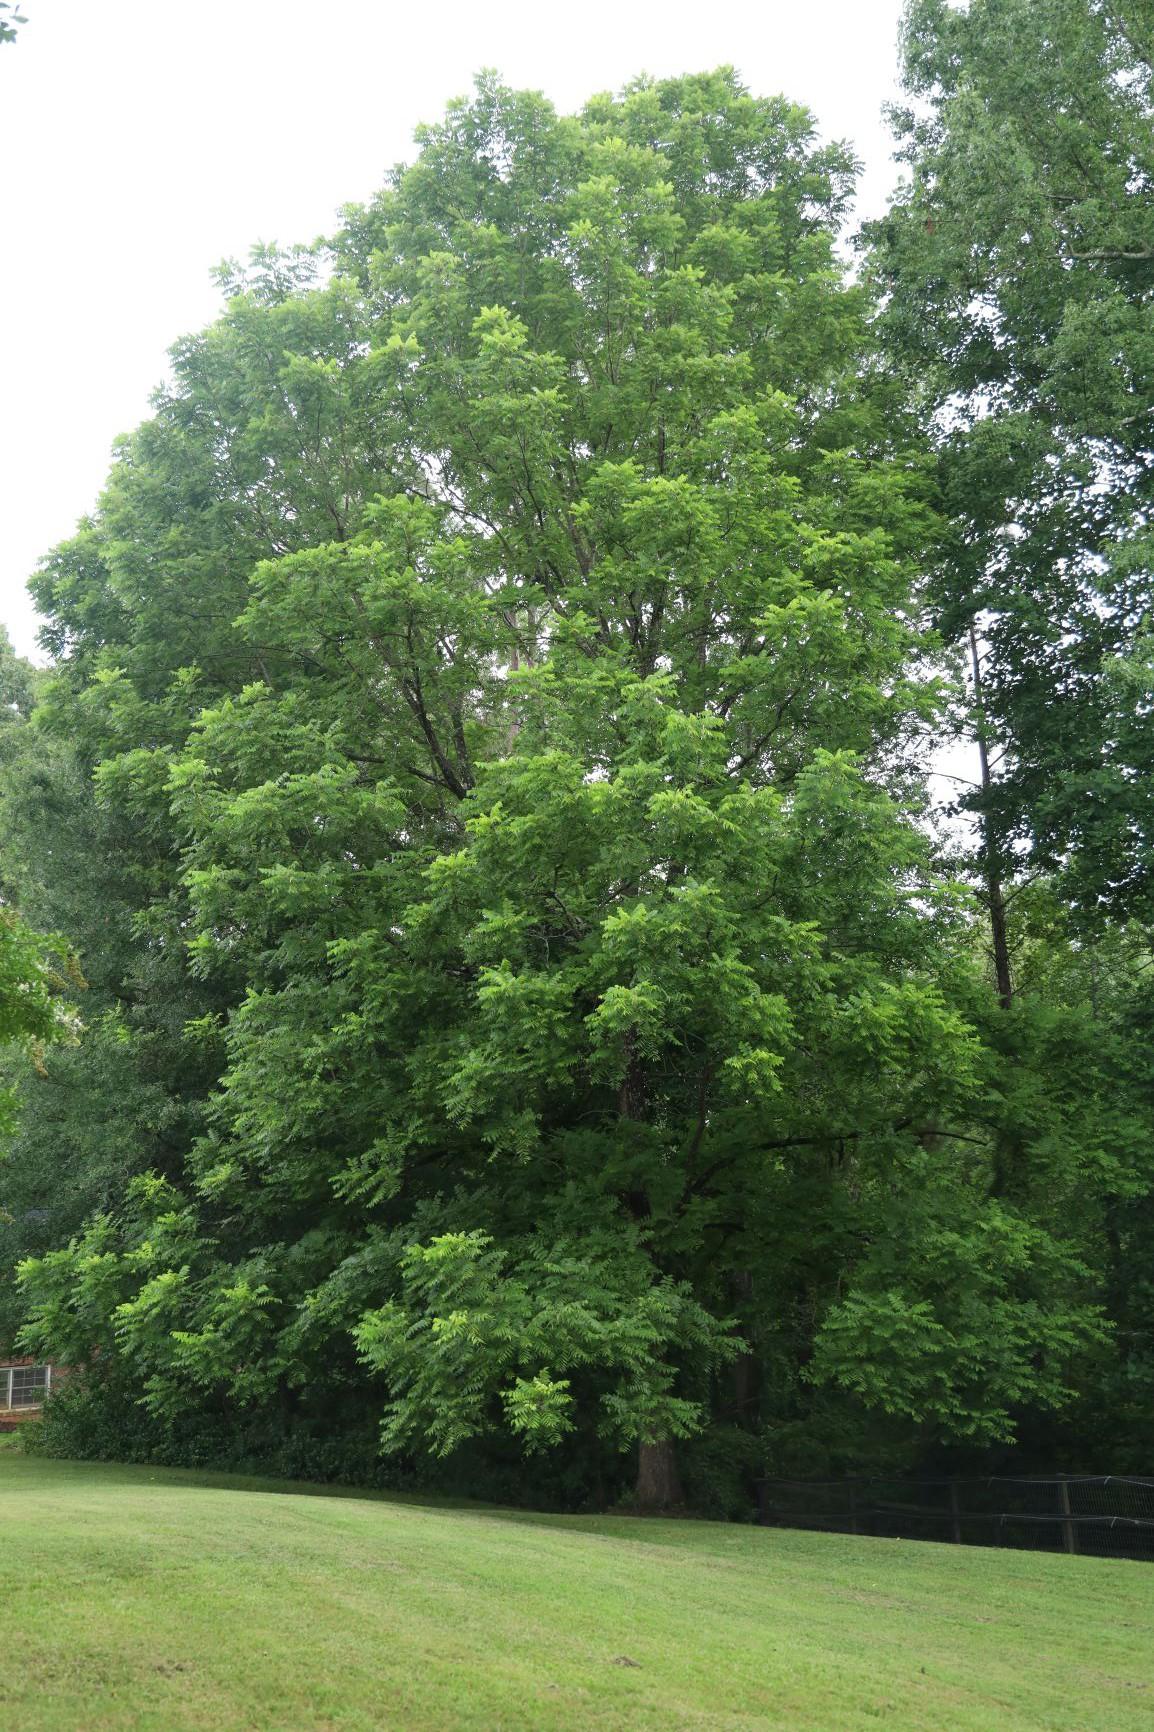 A mature black walnut tree